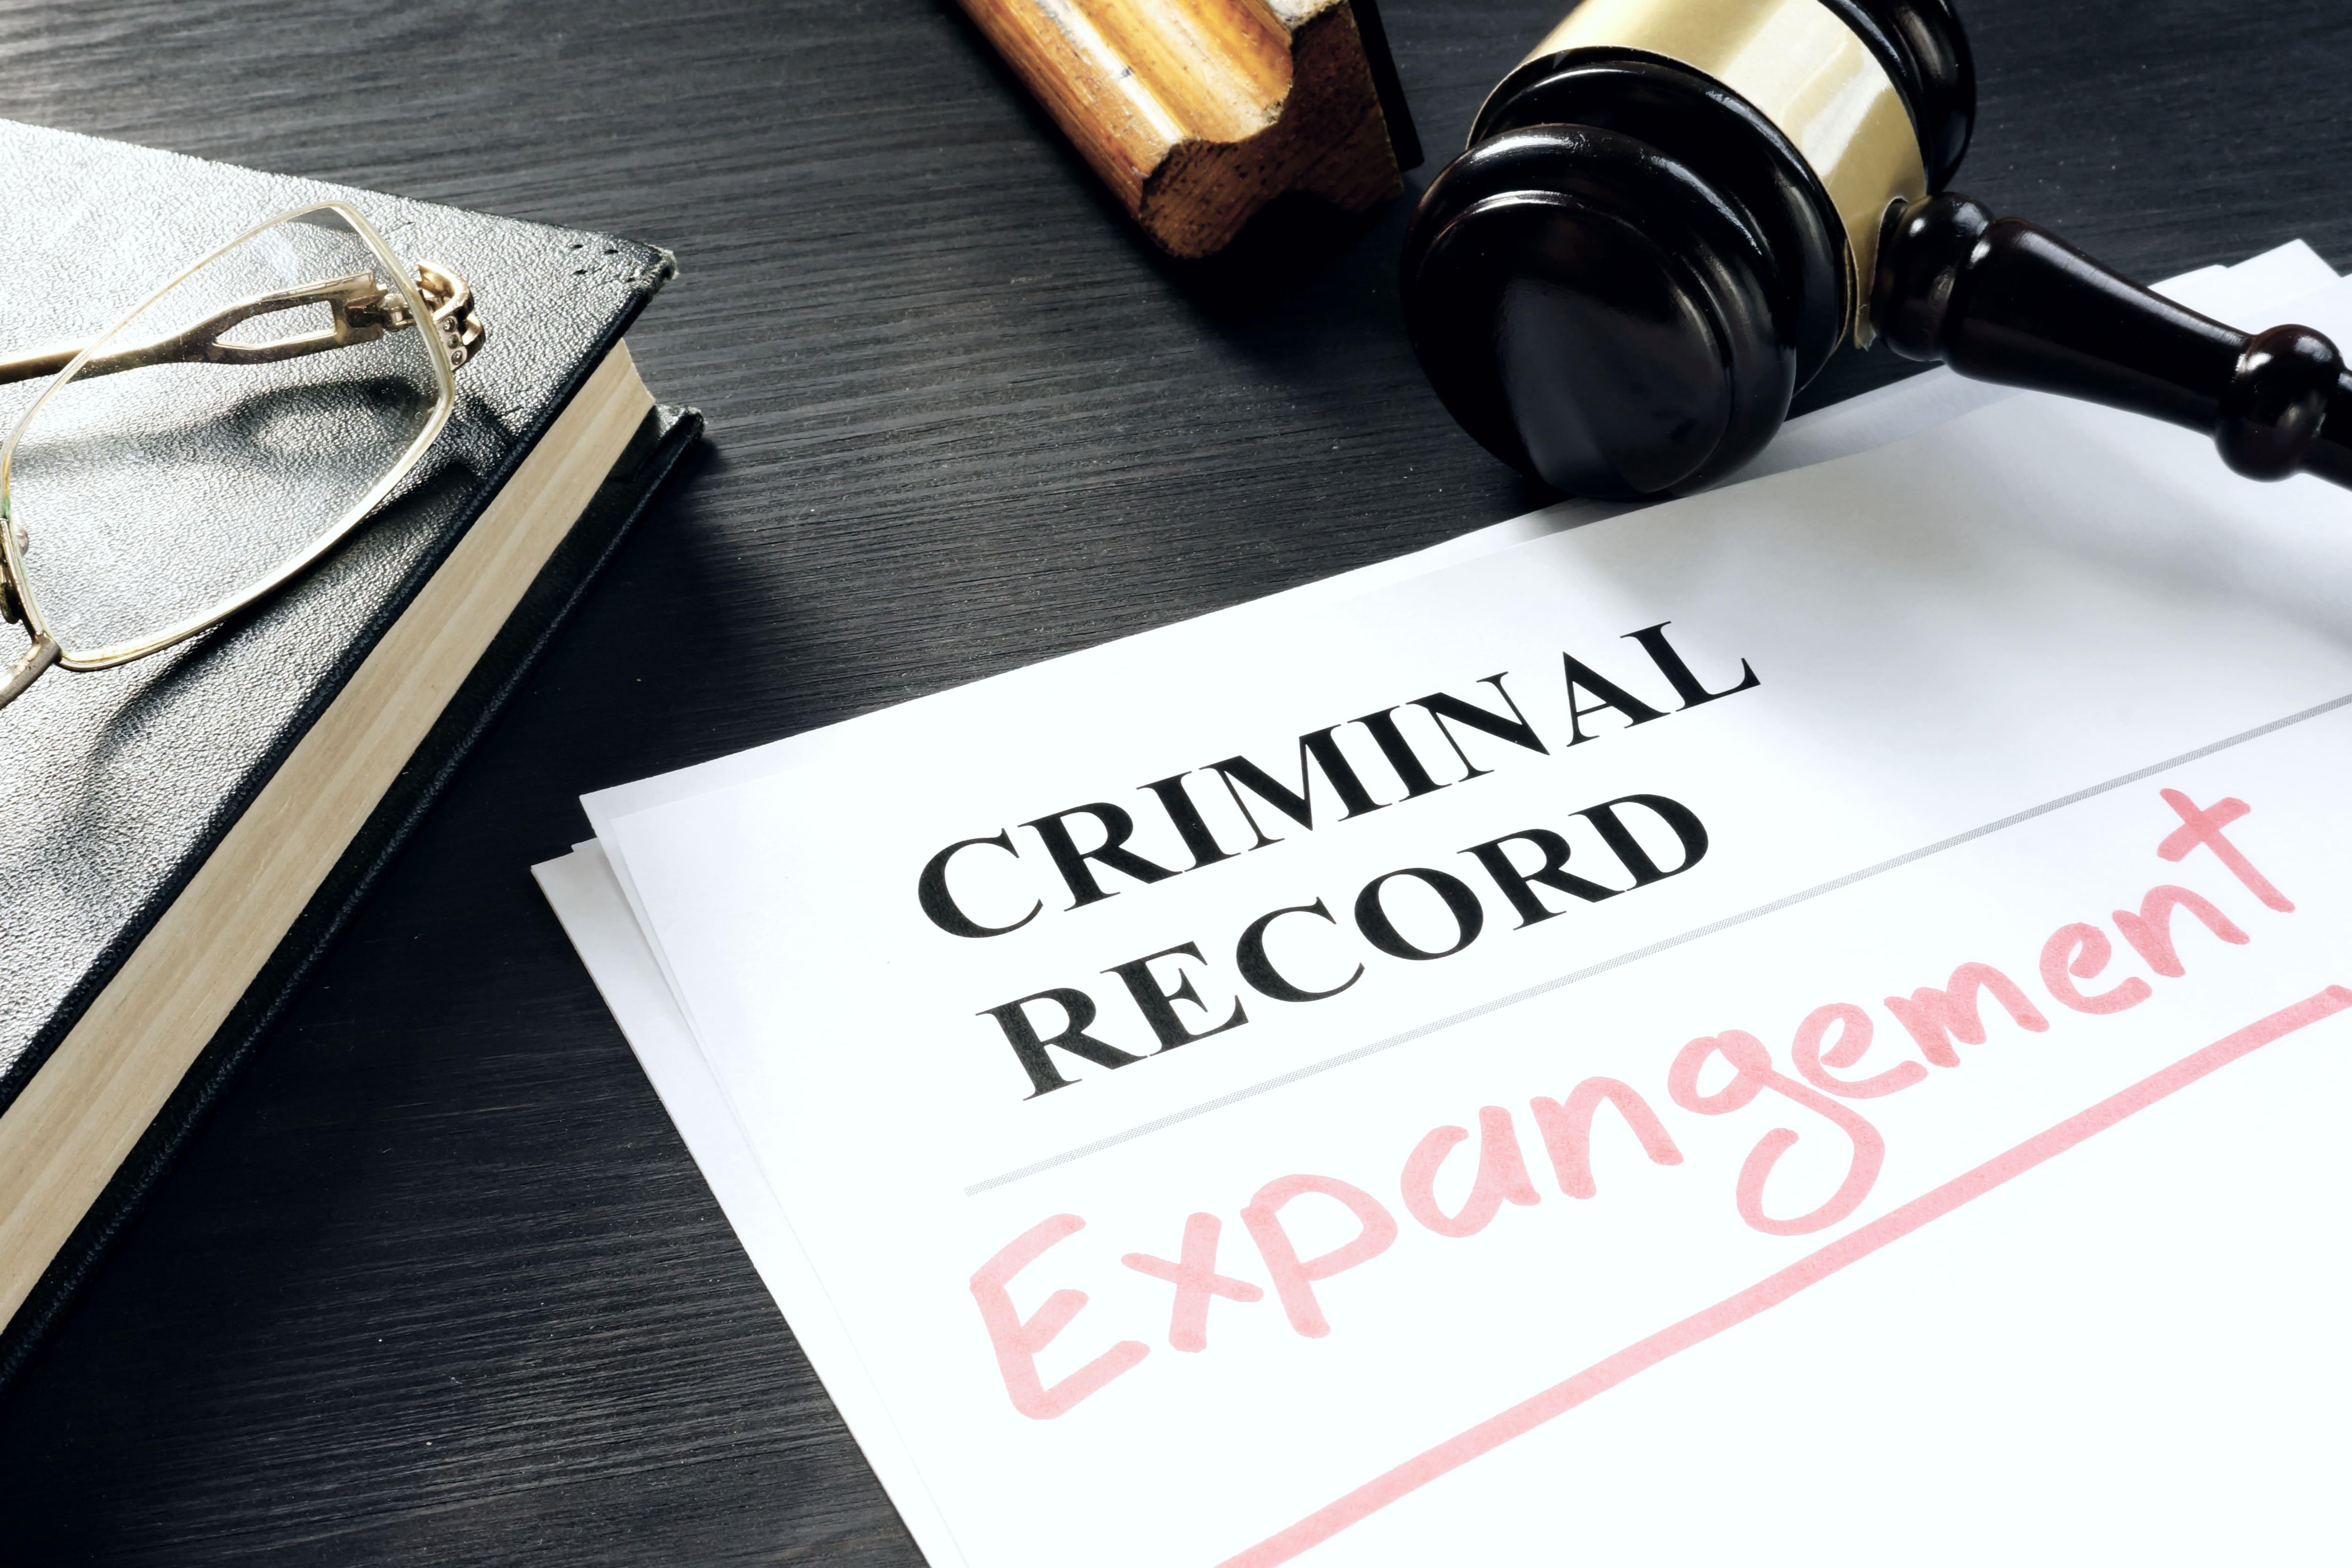 Expunge criminal history